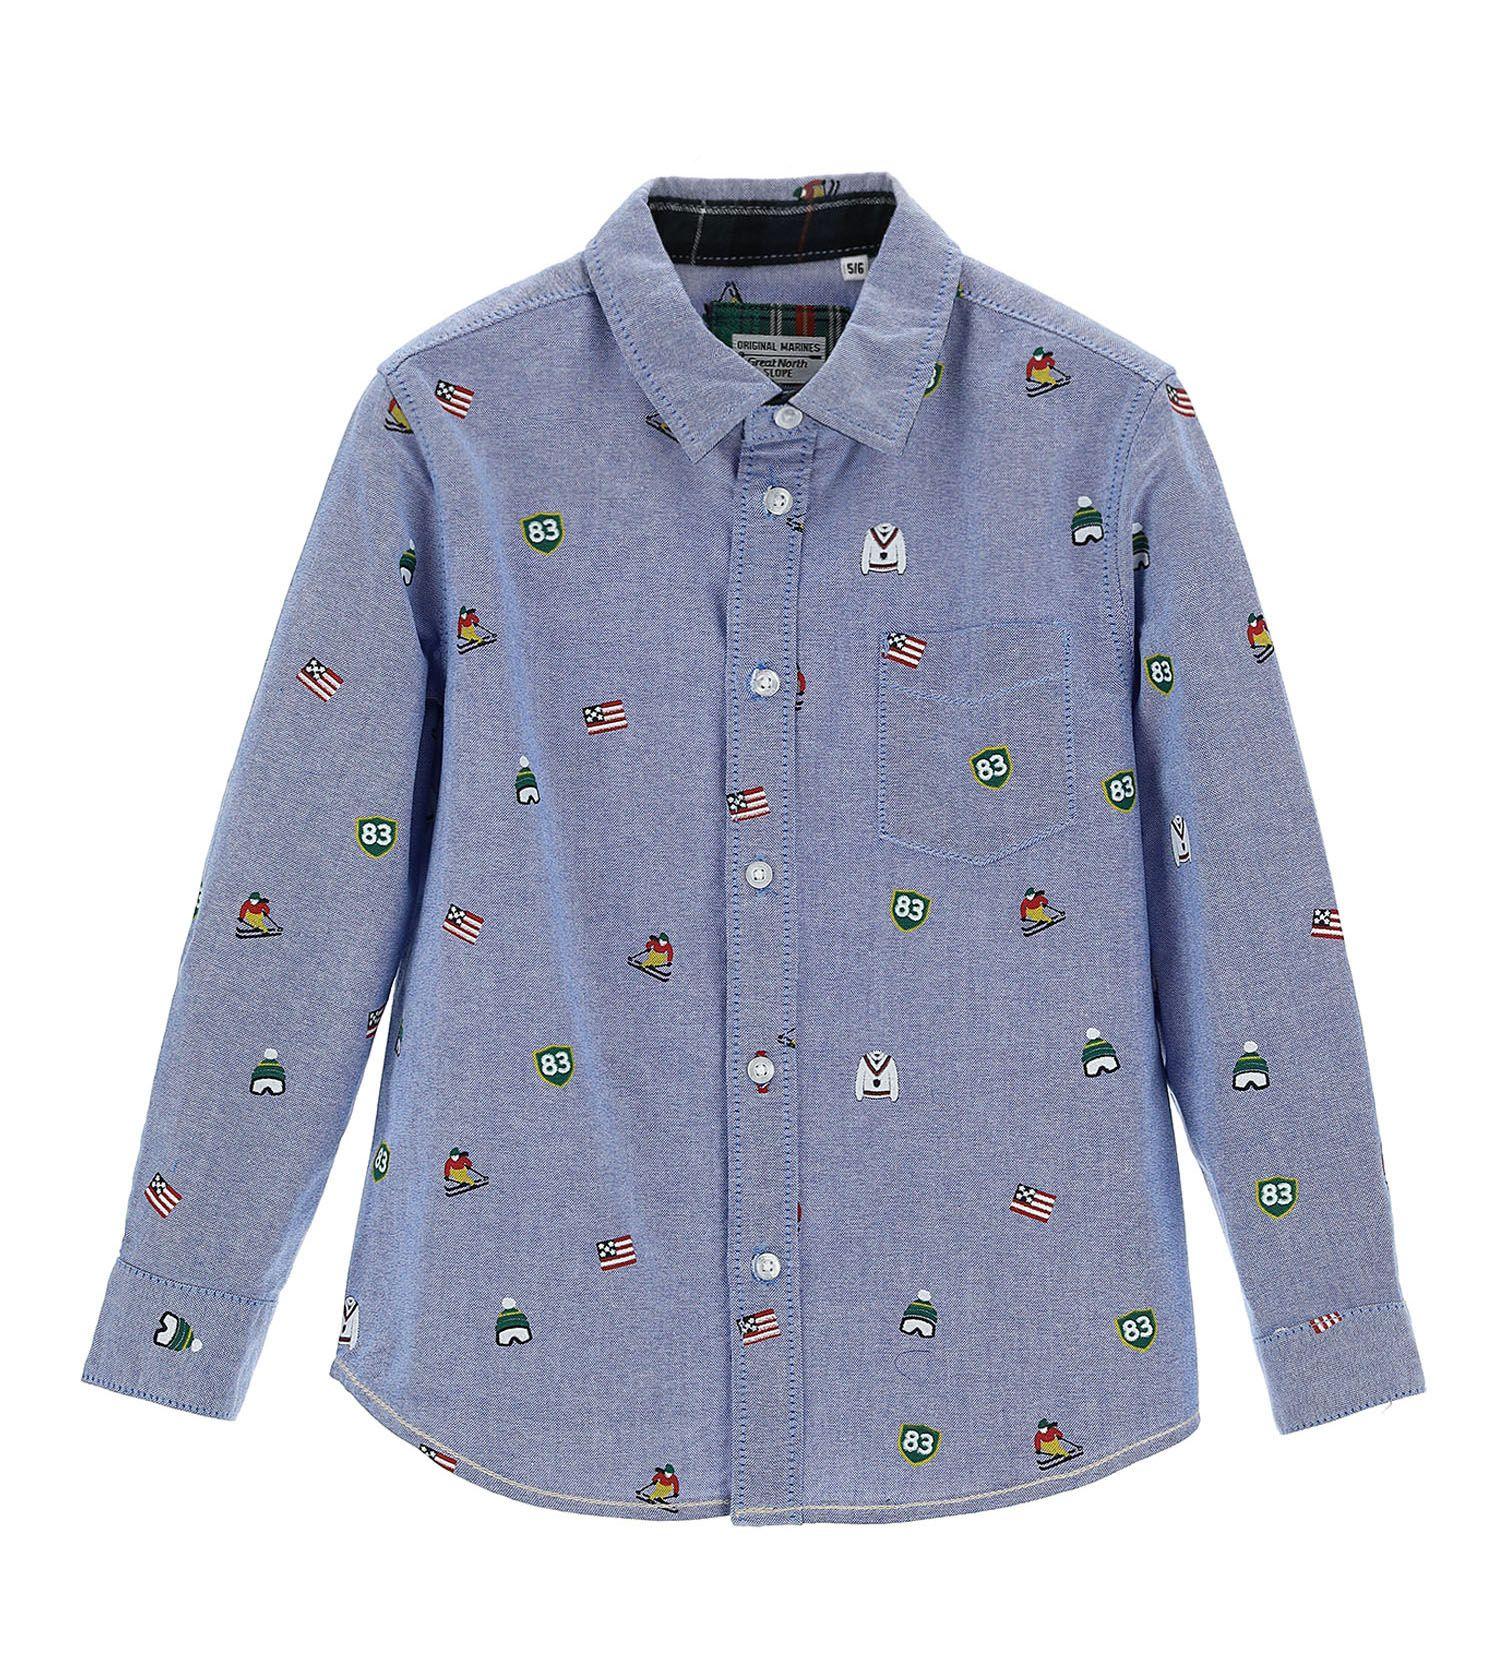 Купить Рубашка с длинным рукавом Original Marines, голубой, 98, Мальчики, зима